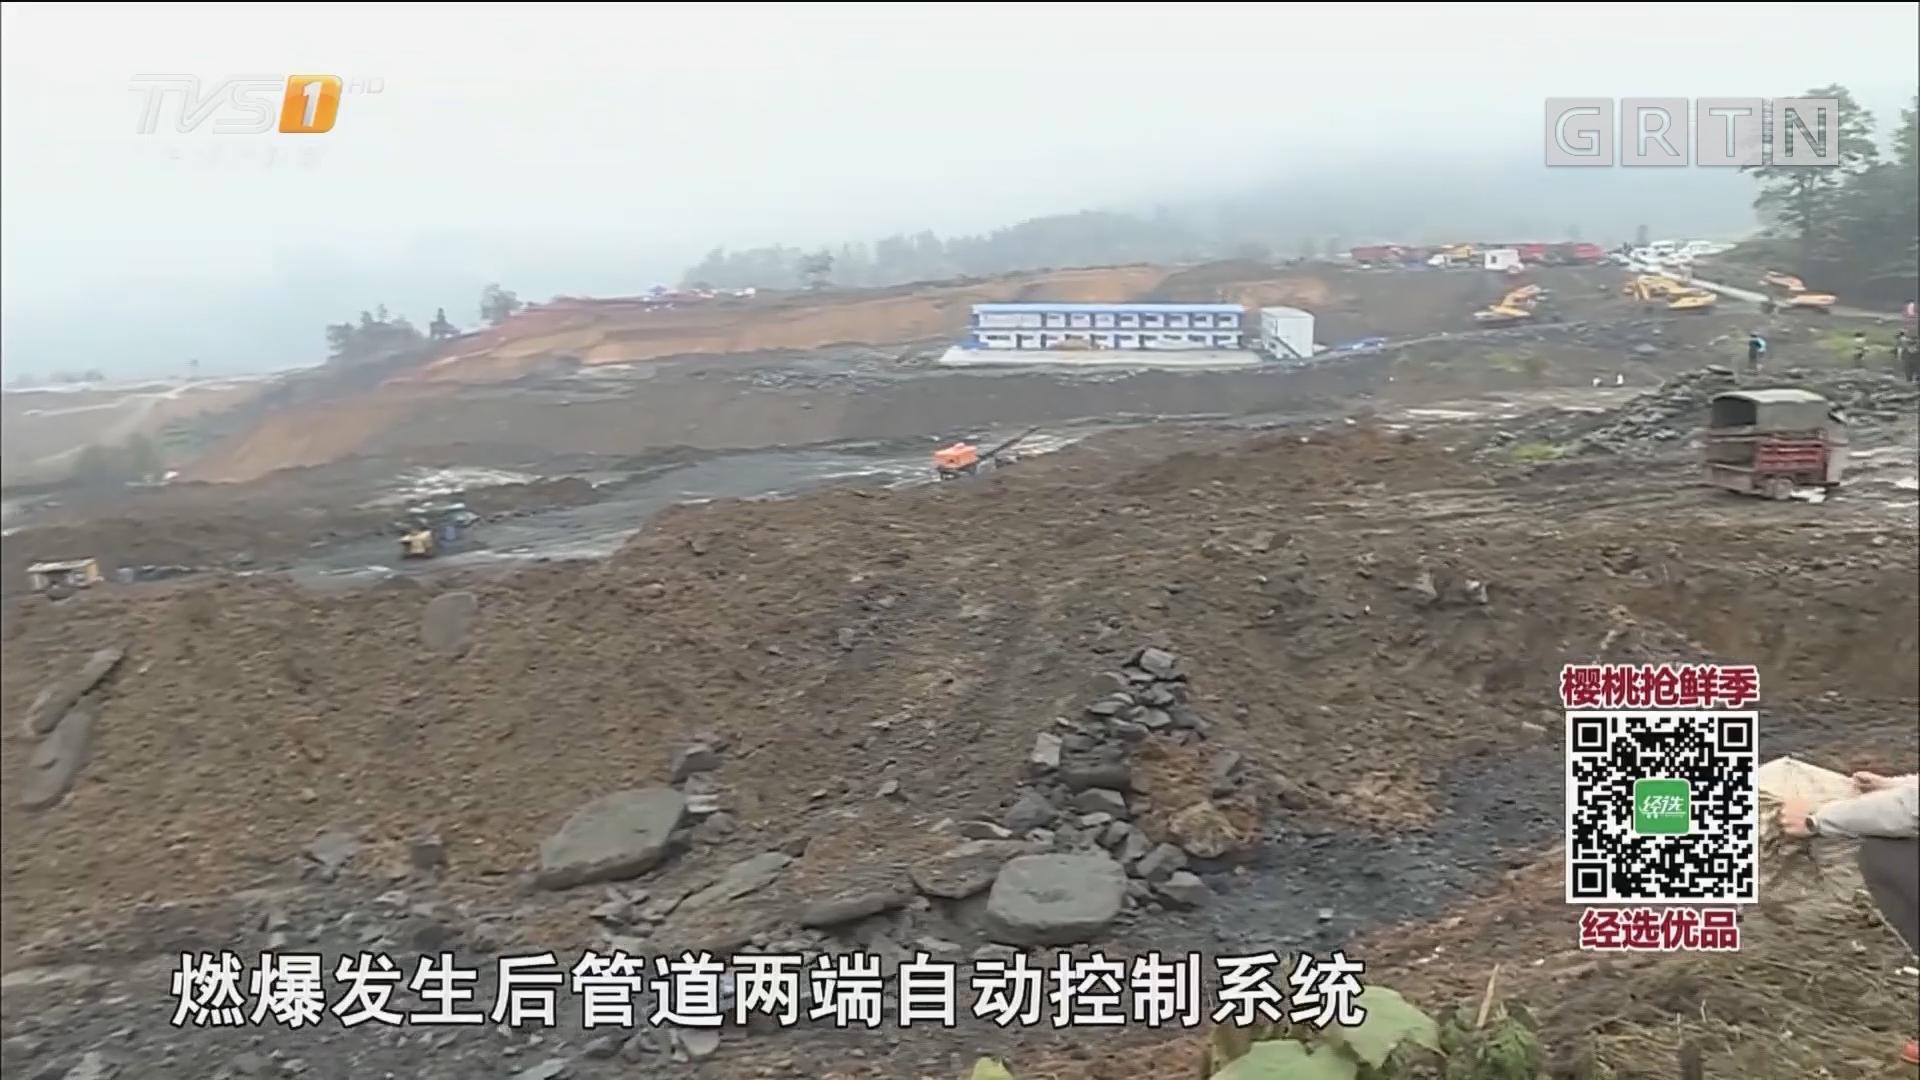 贵州:中石油天然气输气管道燃爆事故 24名伤员住院救治